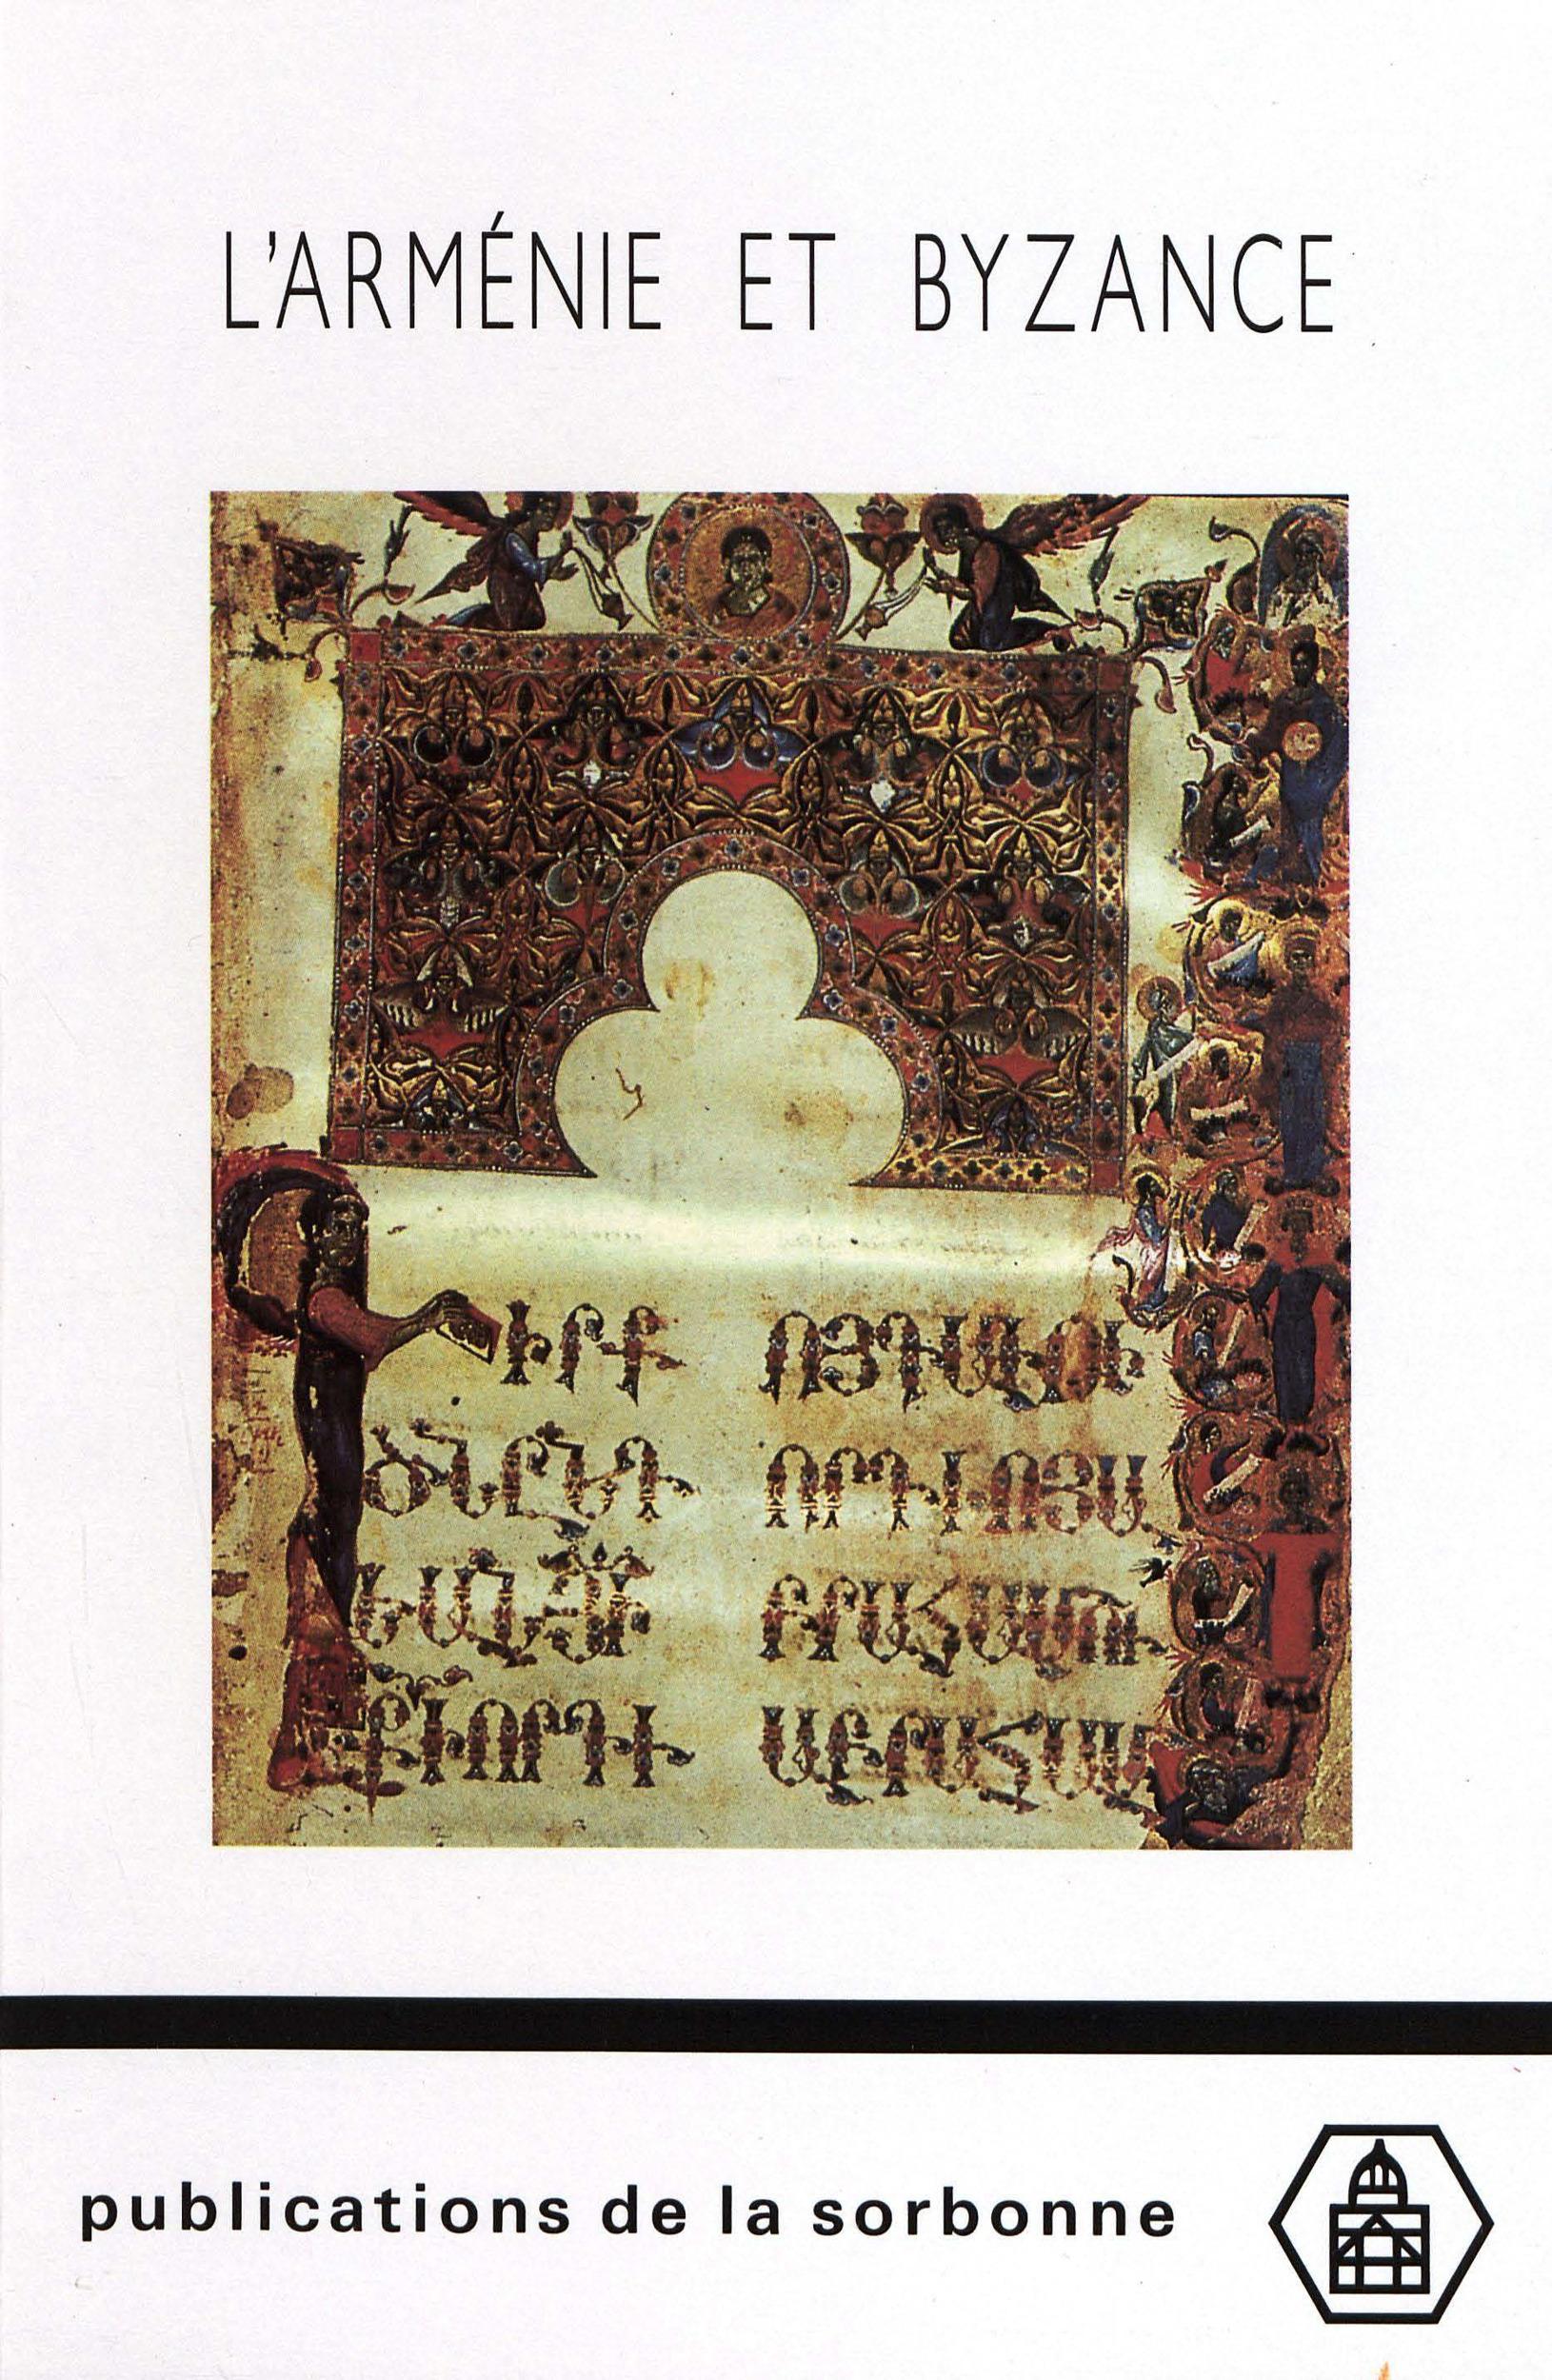 Armenie et byzance